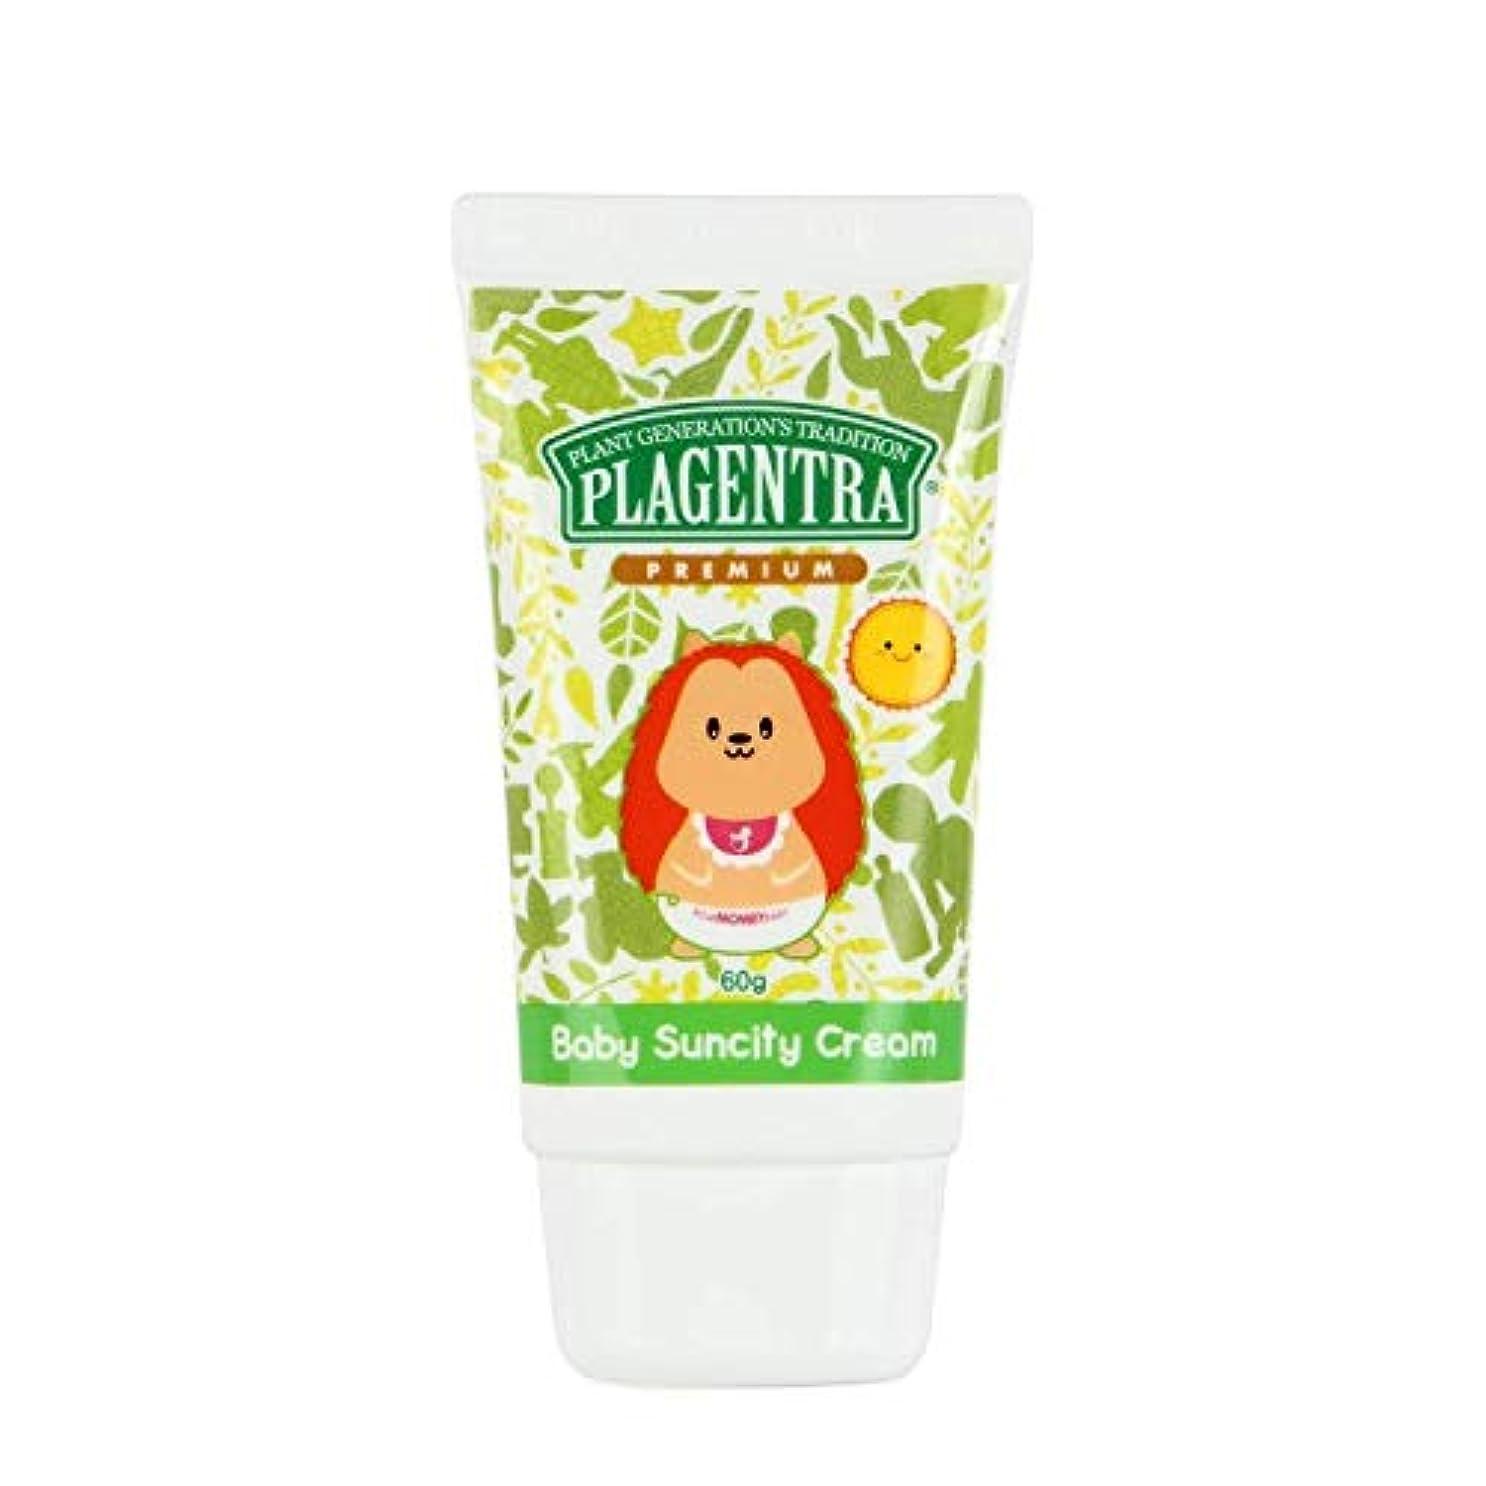 たらい浅い気分が良い[ PLAGENTRA ] Baby Suncity Cream (60g) Natural Sunscreen 韓国 日焼け止め